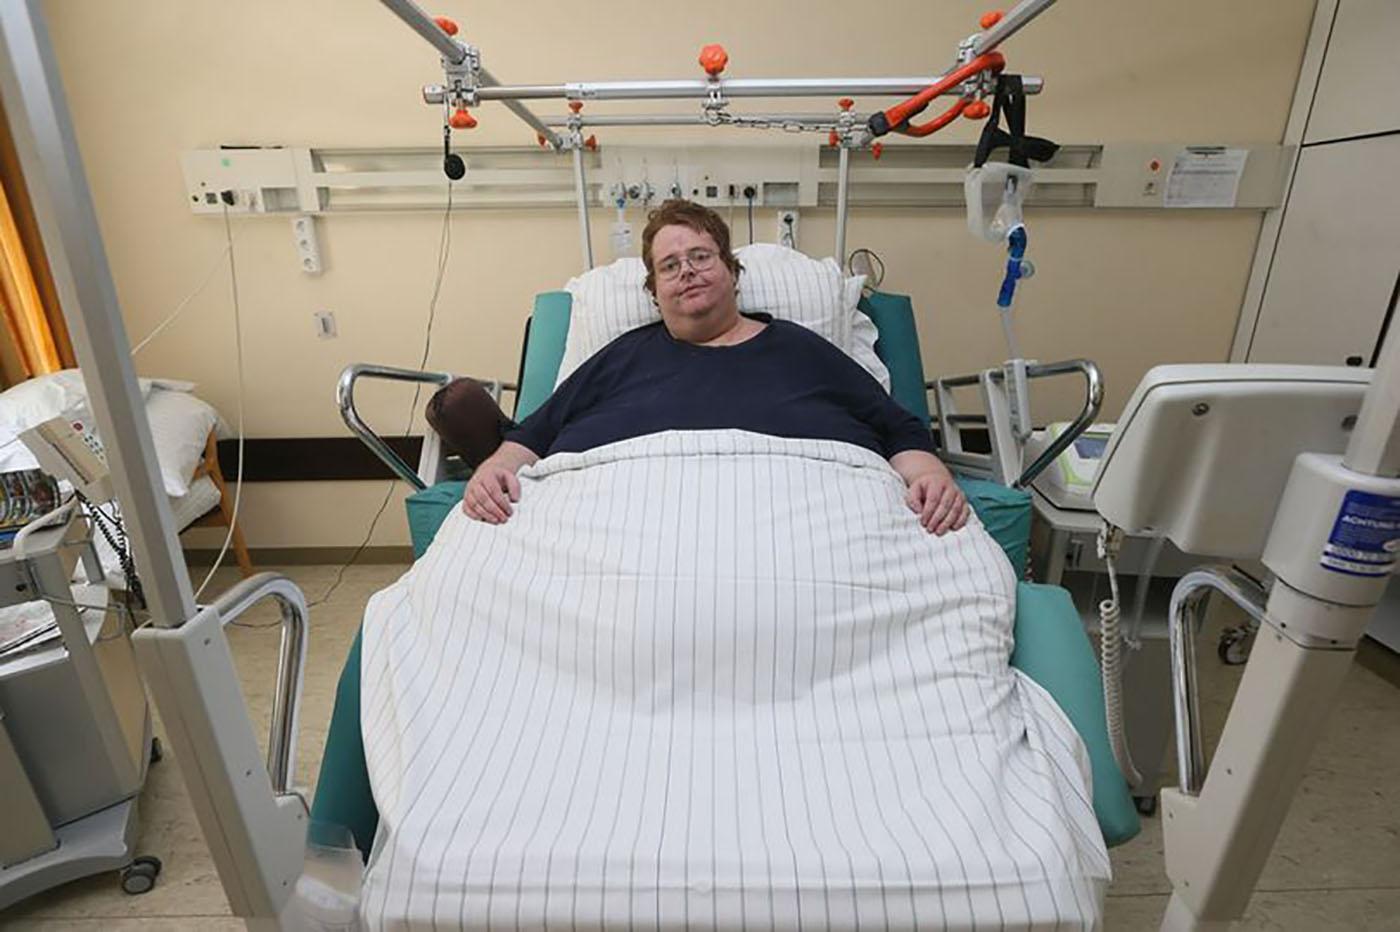 مفاجأة مدوية في خبر تعرض رجل بالخطأ لعملية ولادة قيصرية